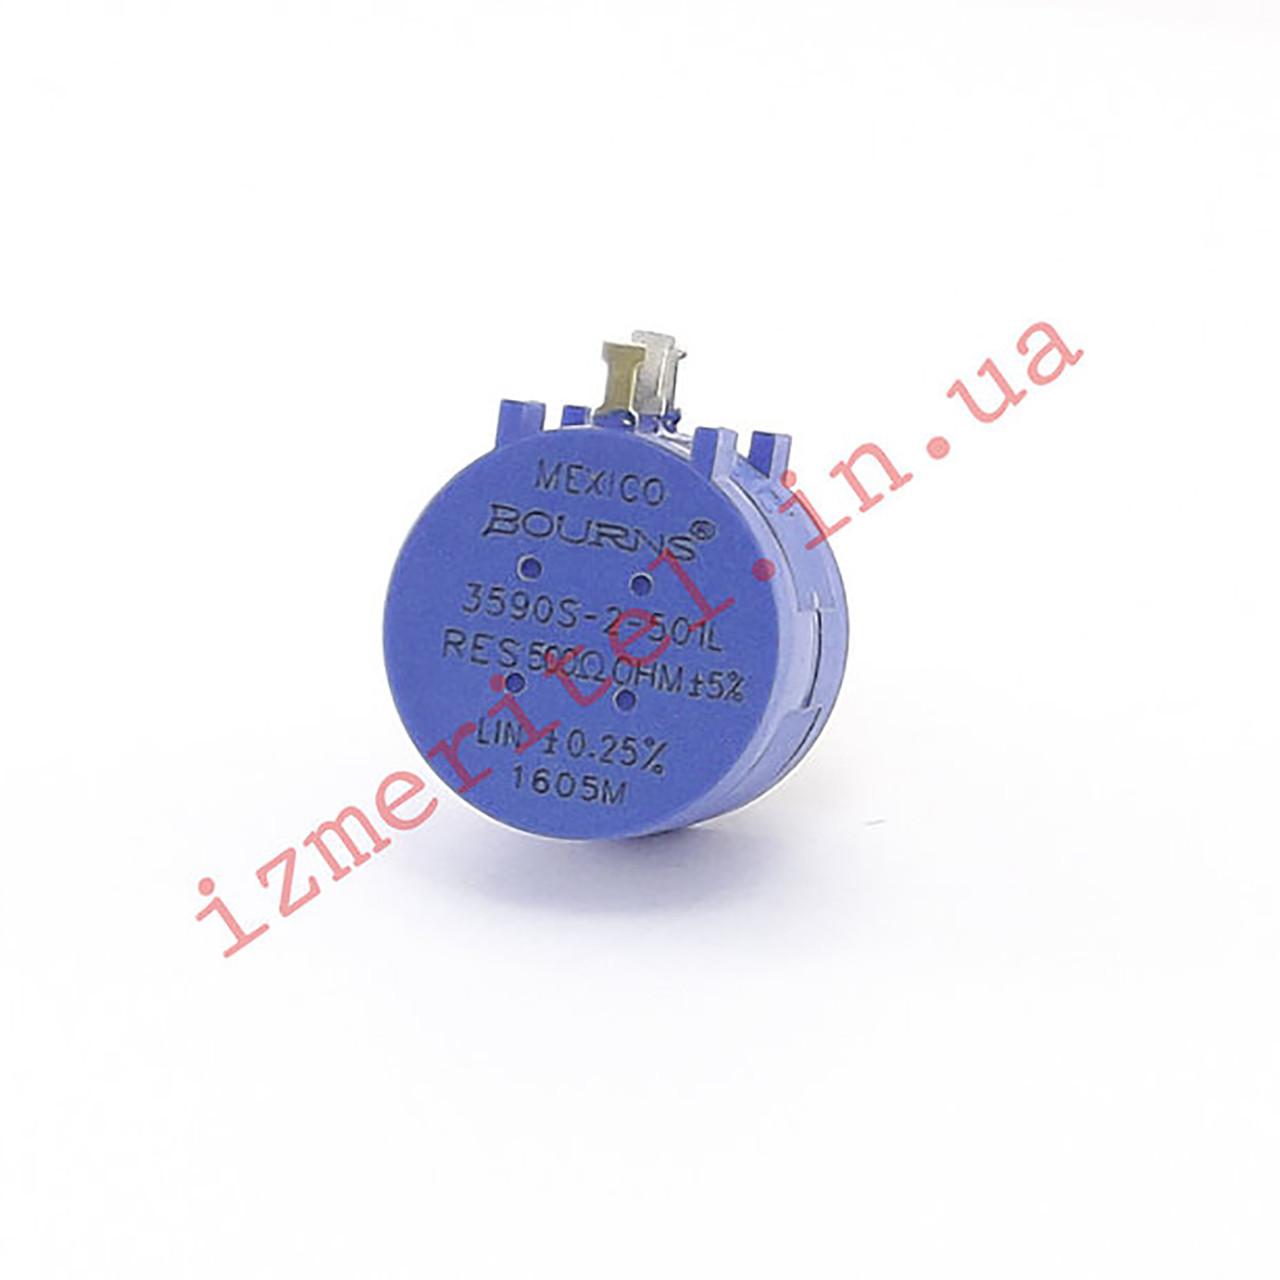 Потенциометр 3590S-2-501L 500 Ом